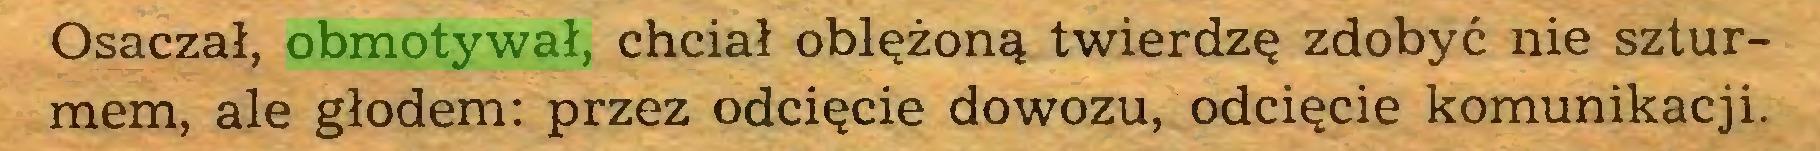 (...) Osaczał, obmotywał, chciał oblężoną twierdzę zdobyć nie szturmem, ale głodem: przez odcięcie dowozu, odcięcie komunikacji...